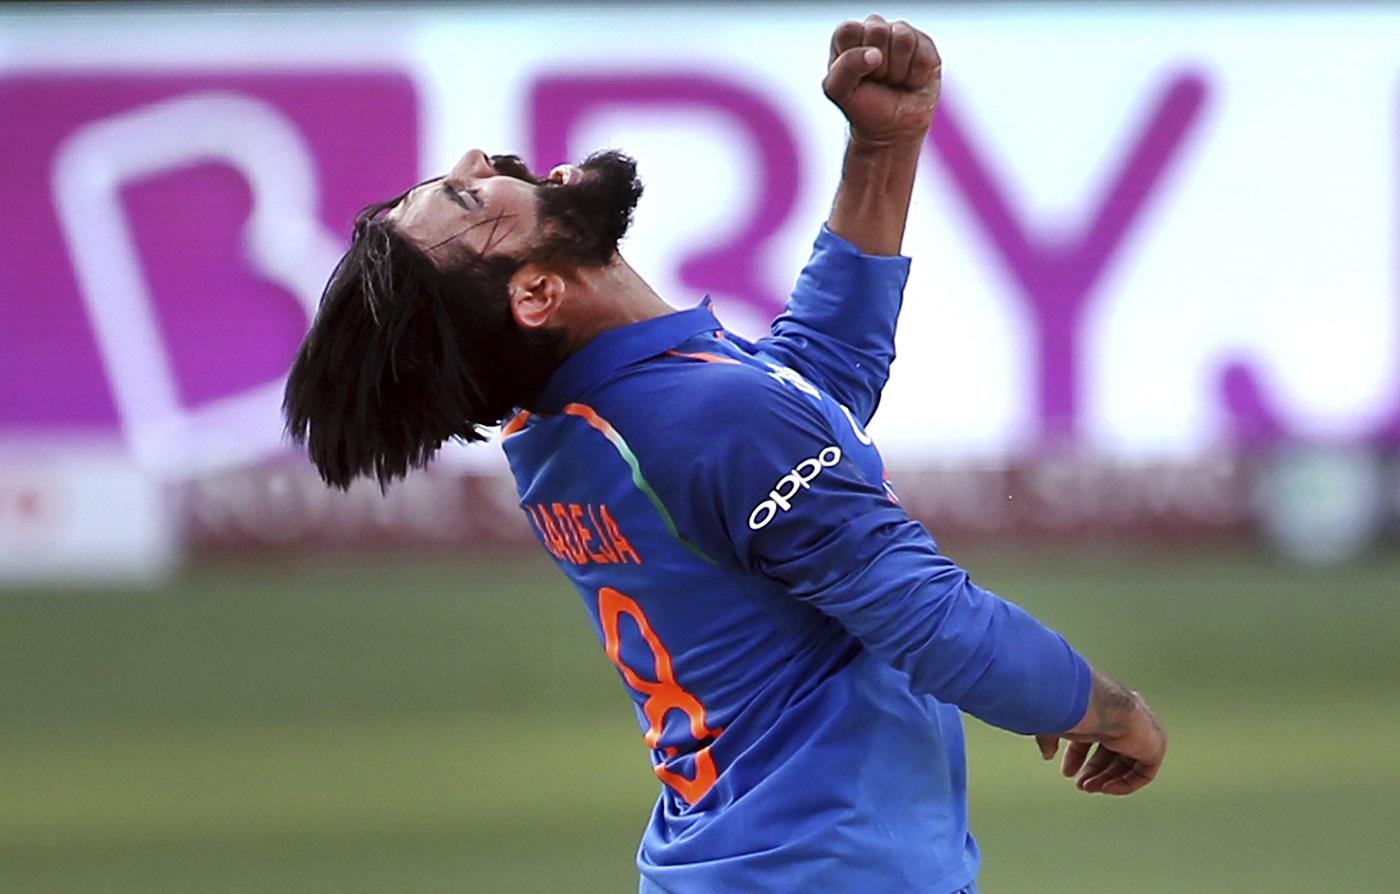 अजीत आगरकर ऑस्ट्रेलिया दौरे के लिए रविंद्र जडेजा और रविचंद्रन अश्विन में से सिर्फ इस खिलाड़ी कों देना चाहते हैं जगह 2